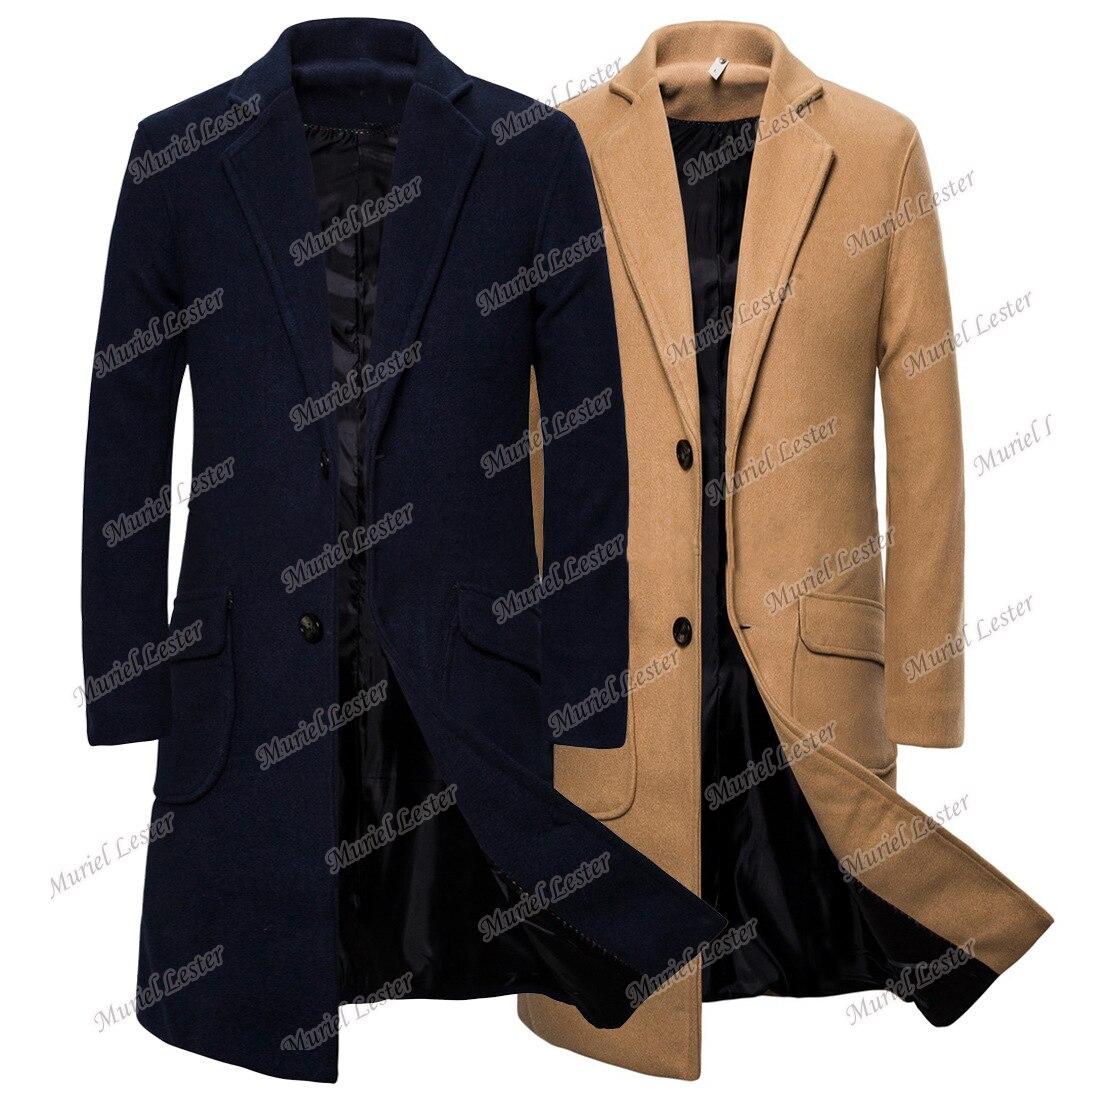 جاكت رجالي شتوي كلاسيكي ملابس رجالي من قماش التويد صوف سميك ممزوج بسترة صدر واحدة للخروج معطف طويل